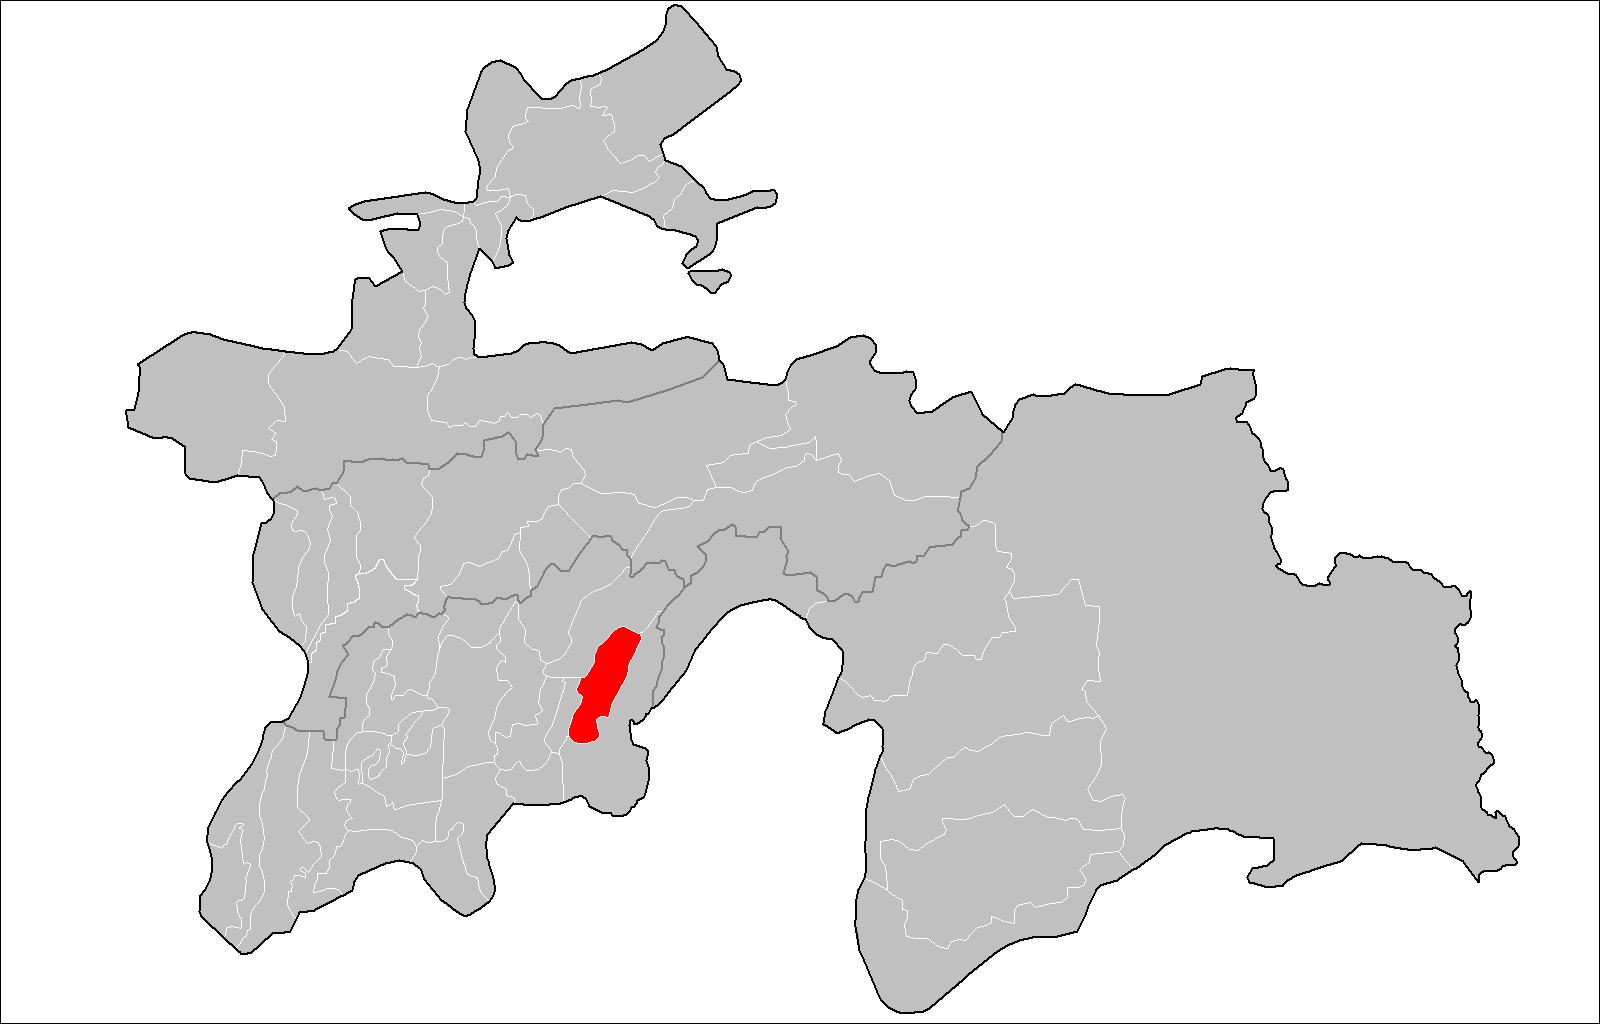 ناحیه مؤمنآباد